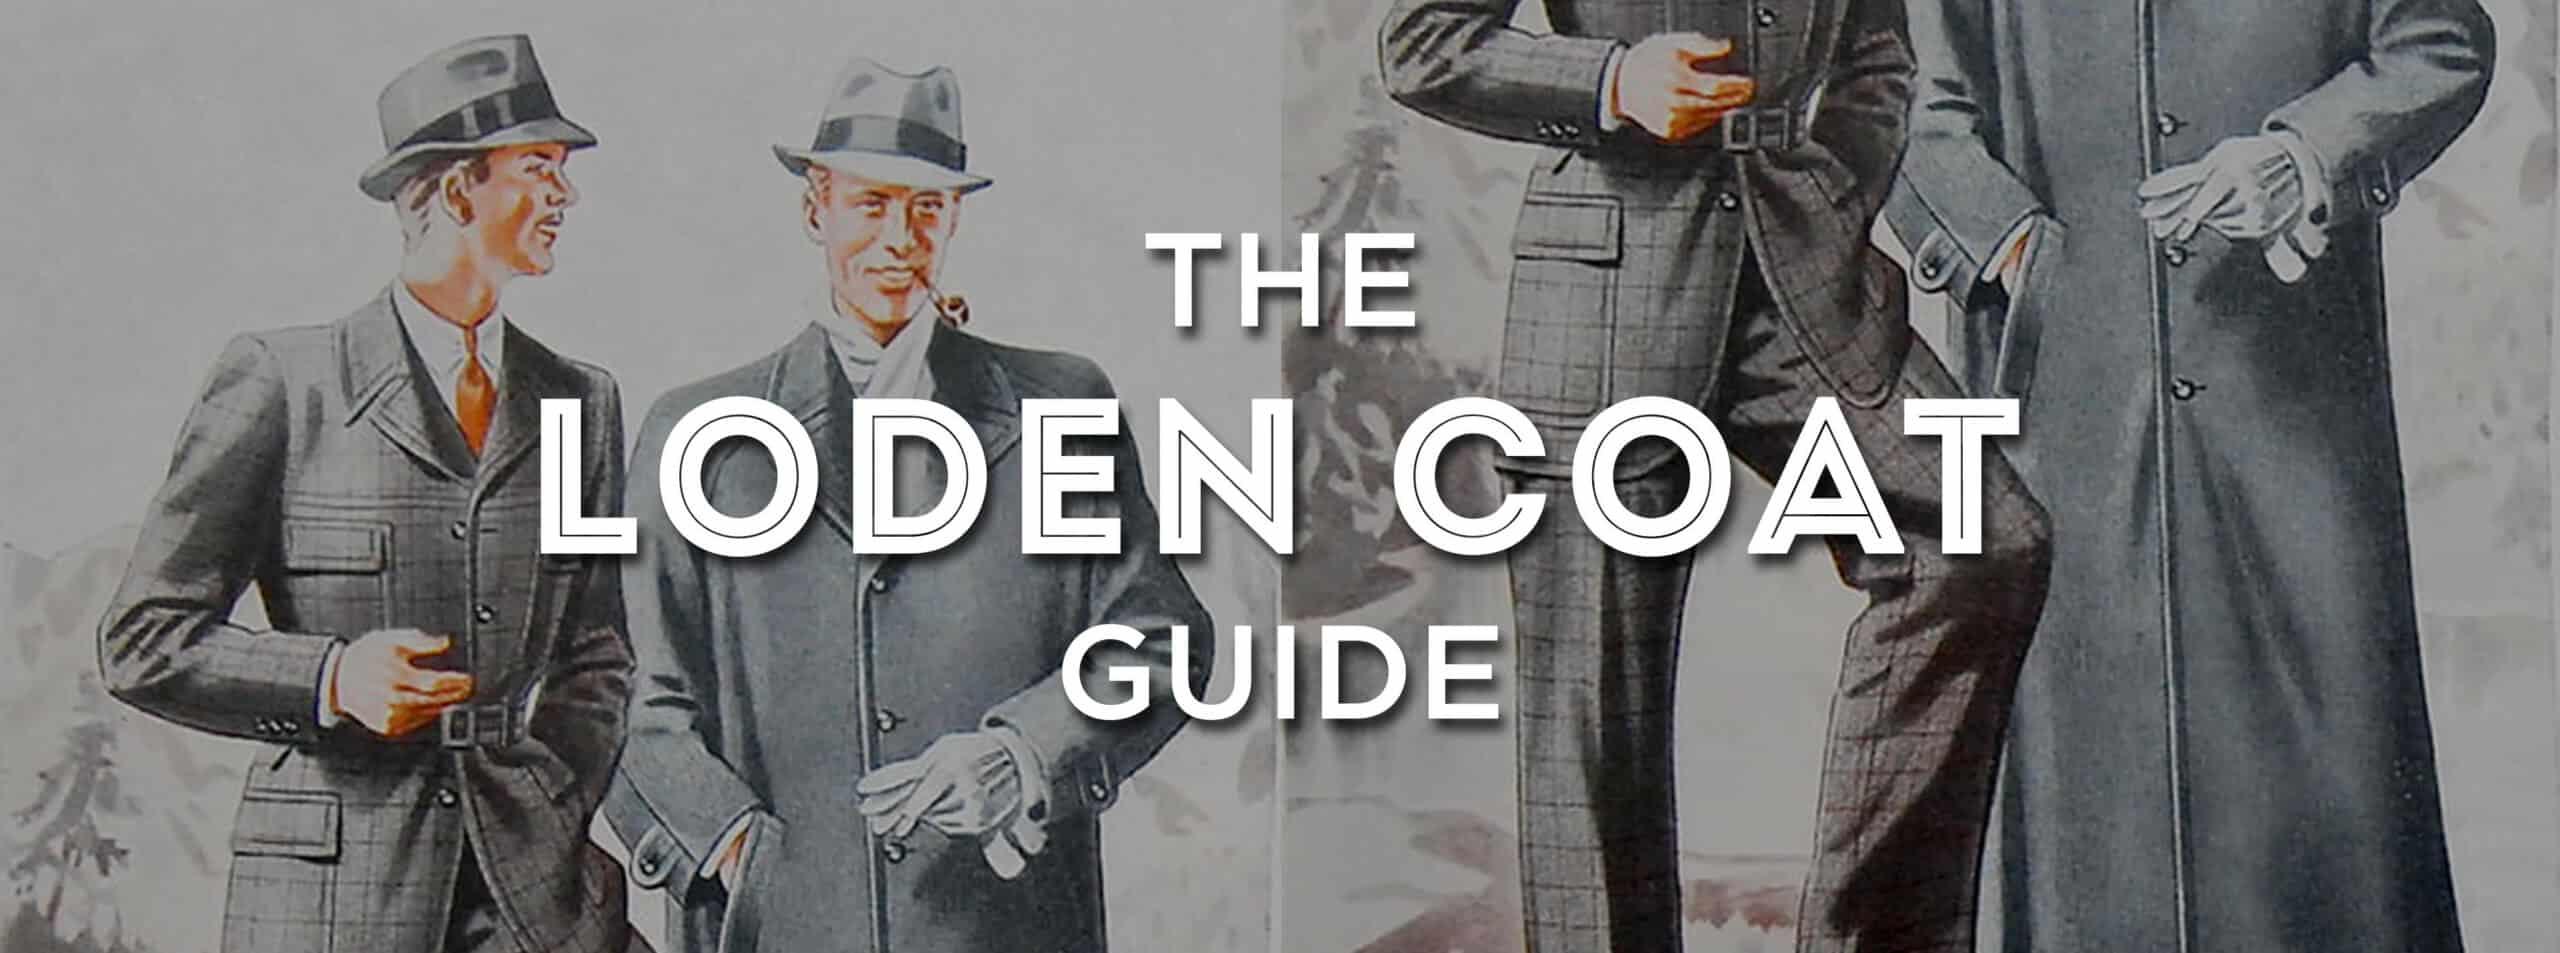 Da Uomo 1920s Giallo Costume Gangster 20s mafia Al Capone Suit